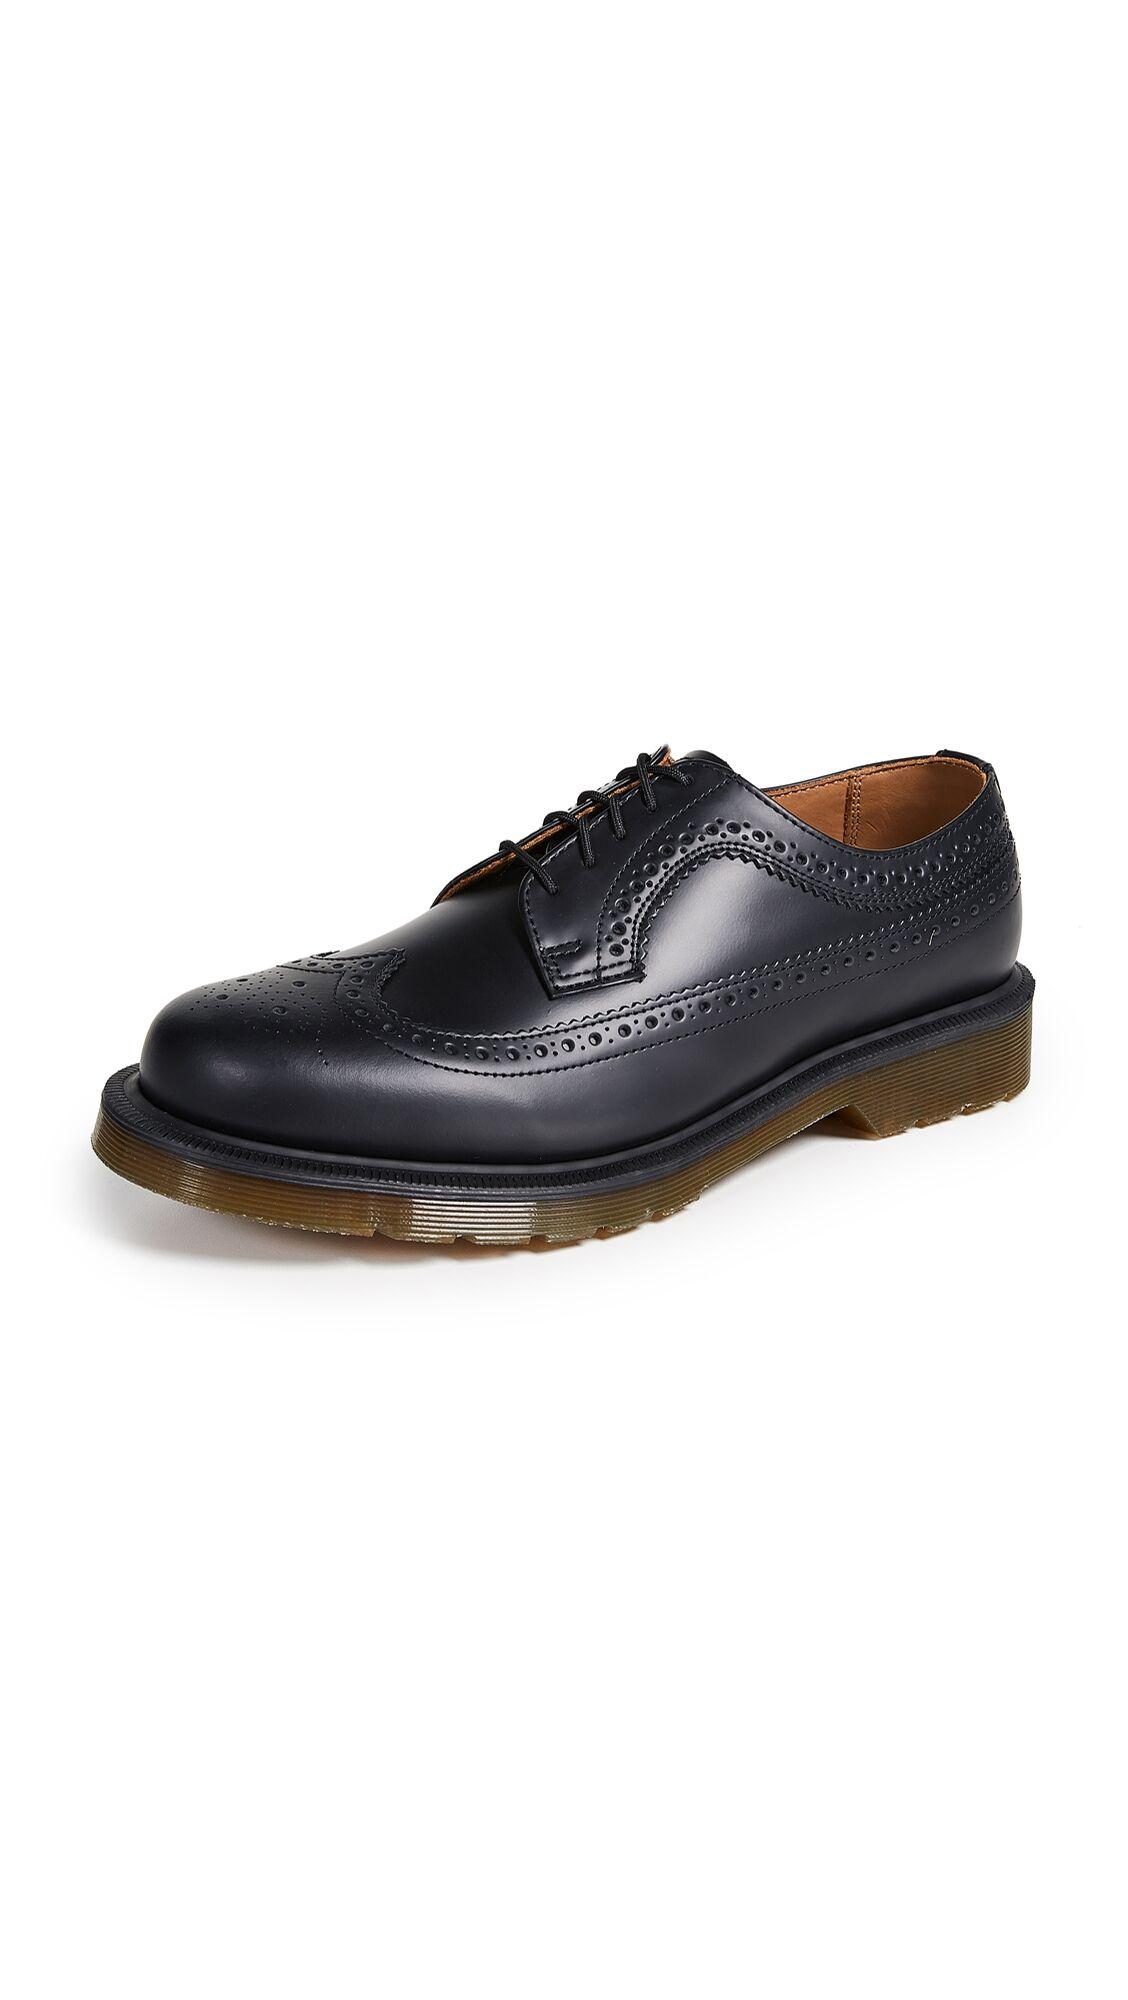 Dr. Martens 3989 Brogue Lace Up Shoes - Black - Size: 8